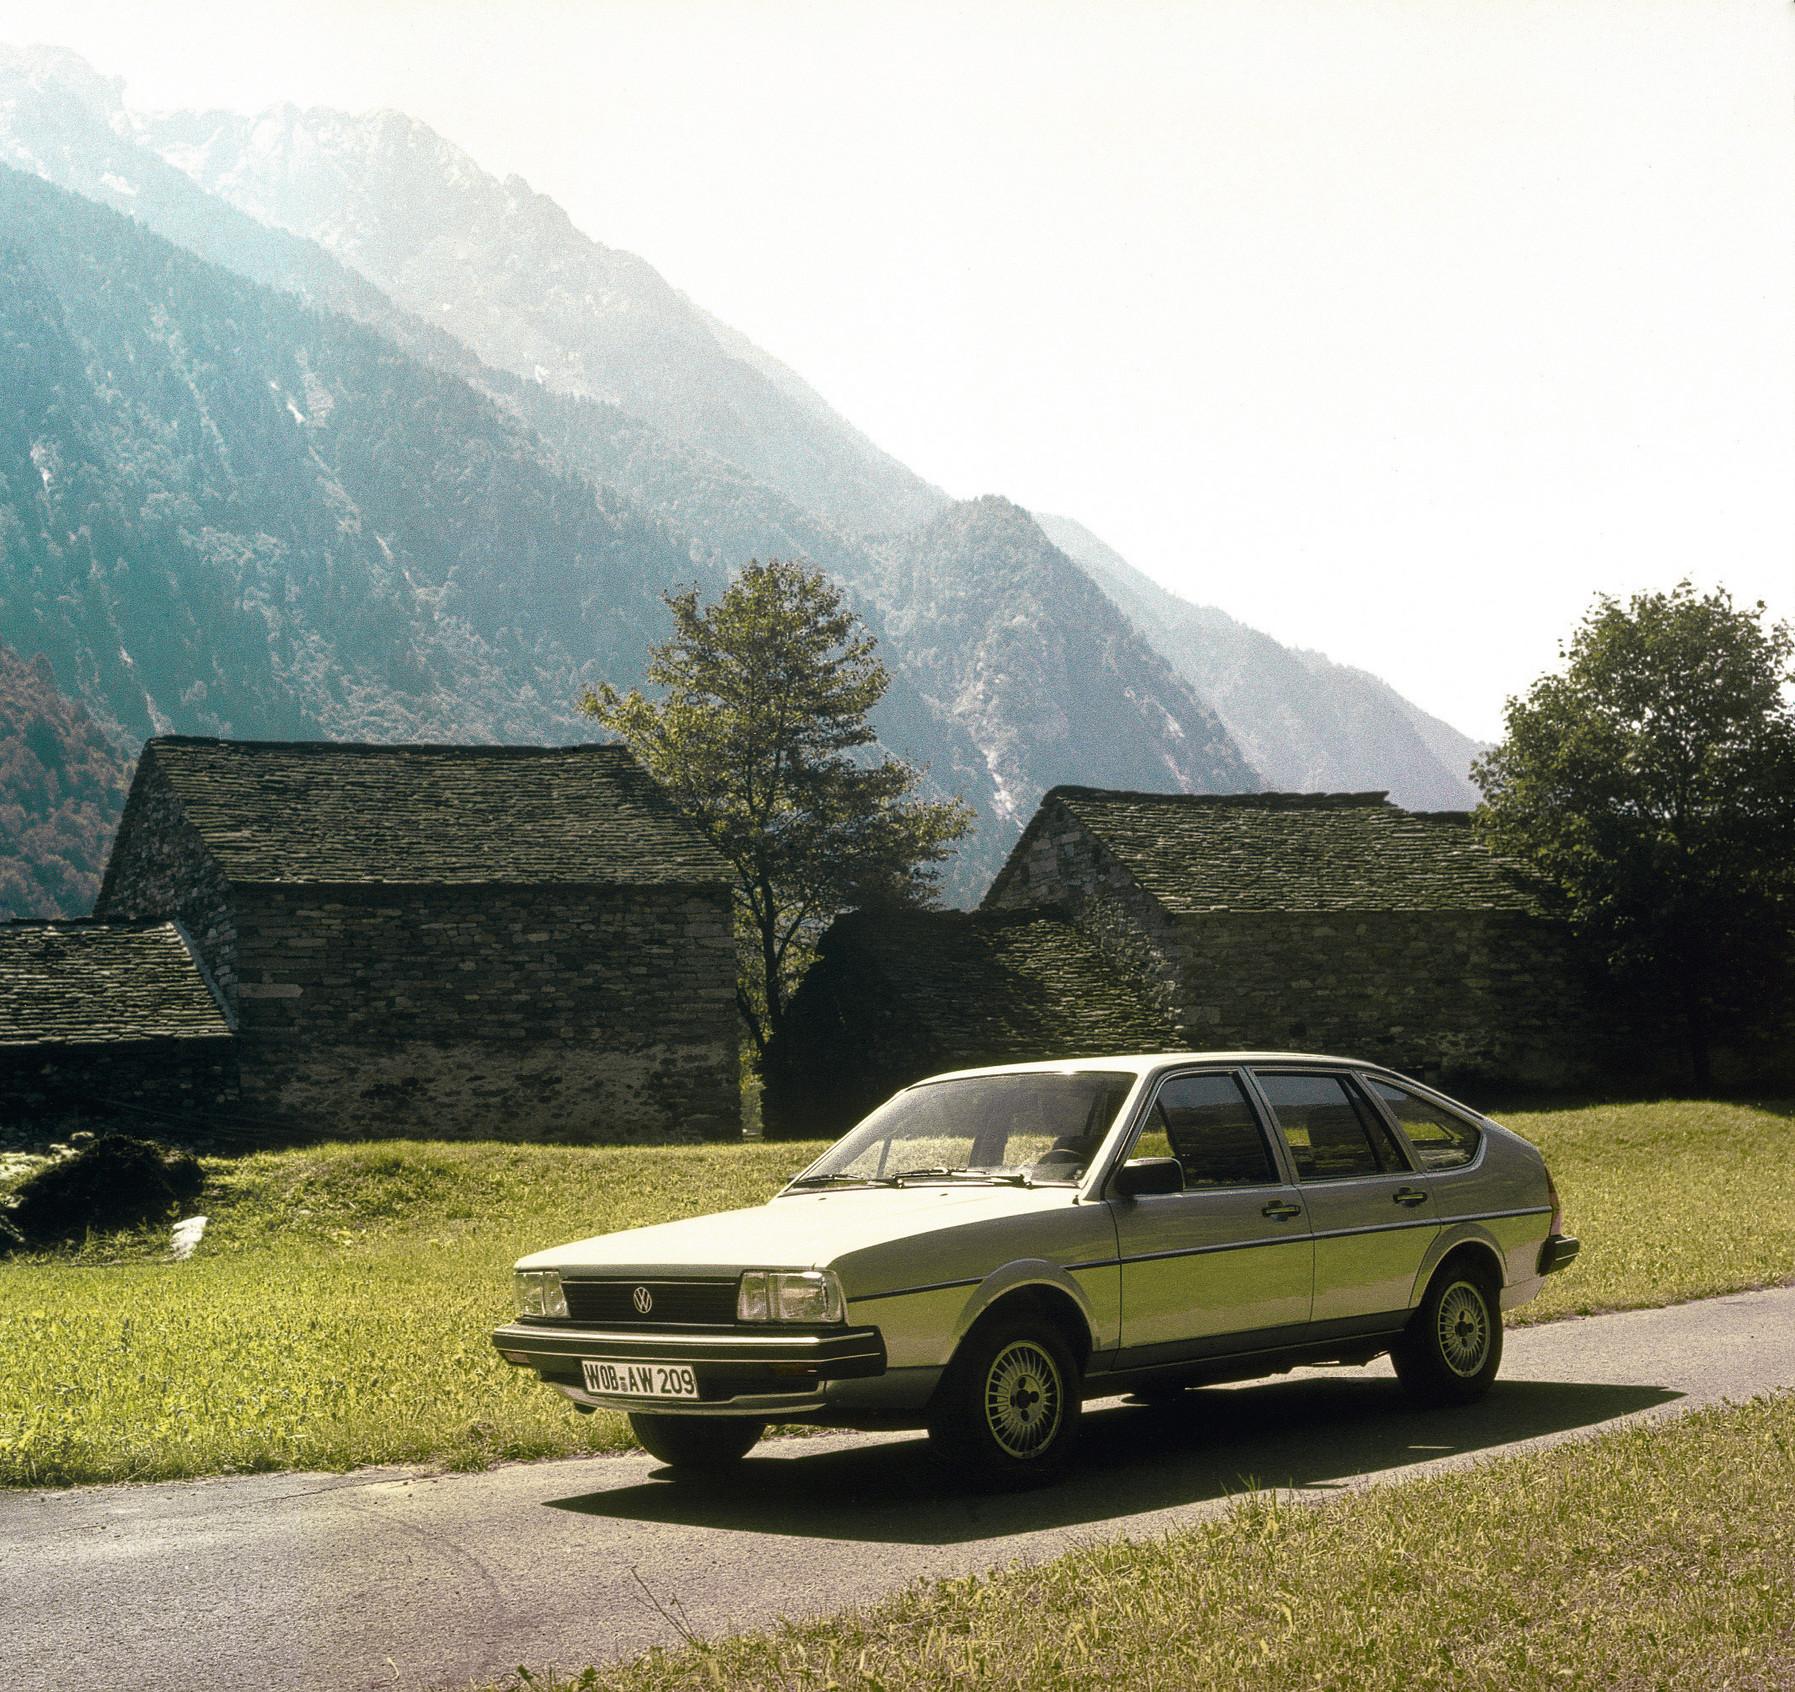 Passat (1981)